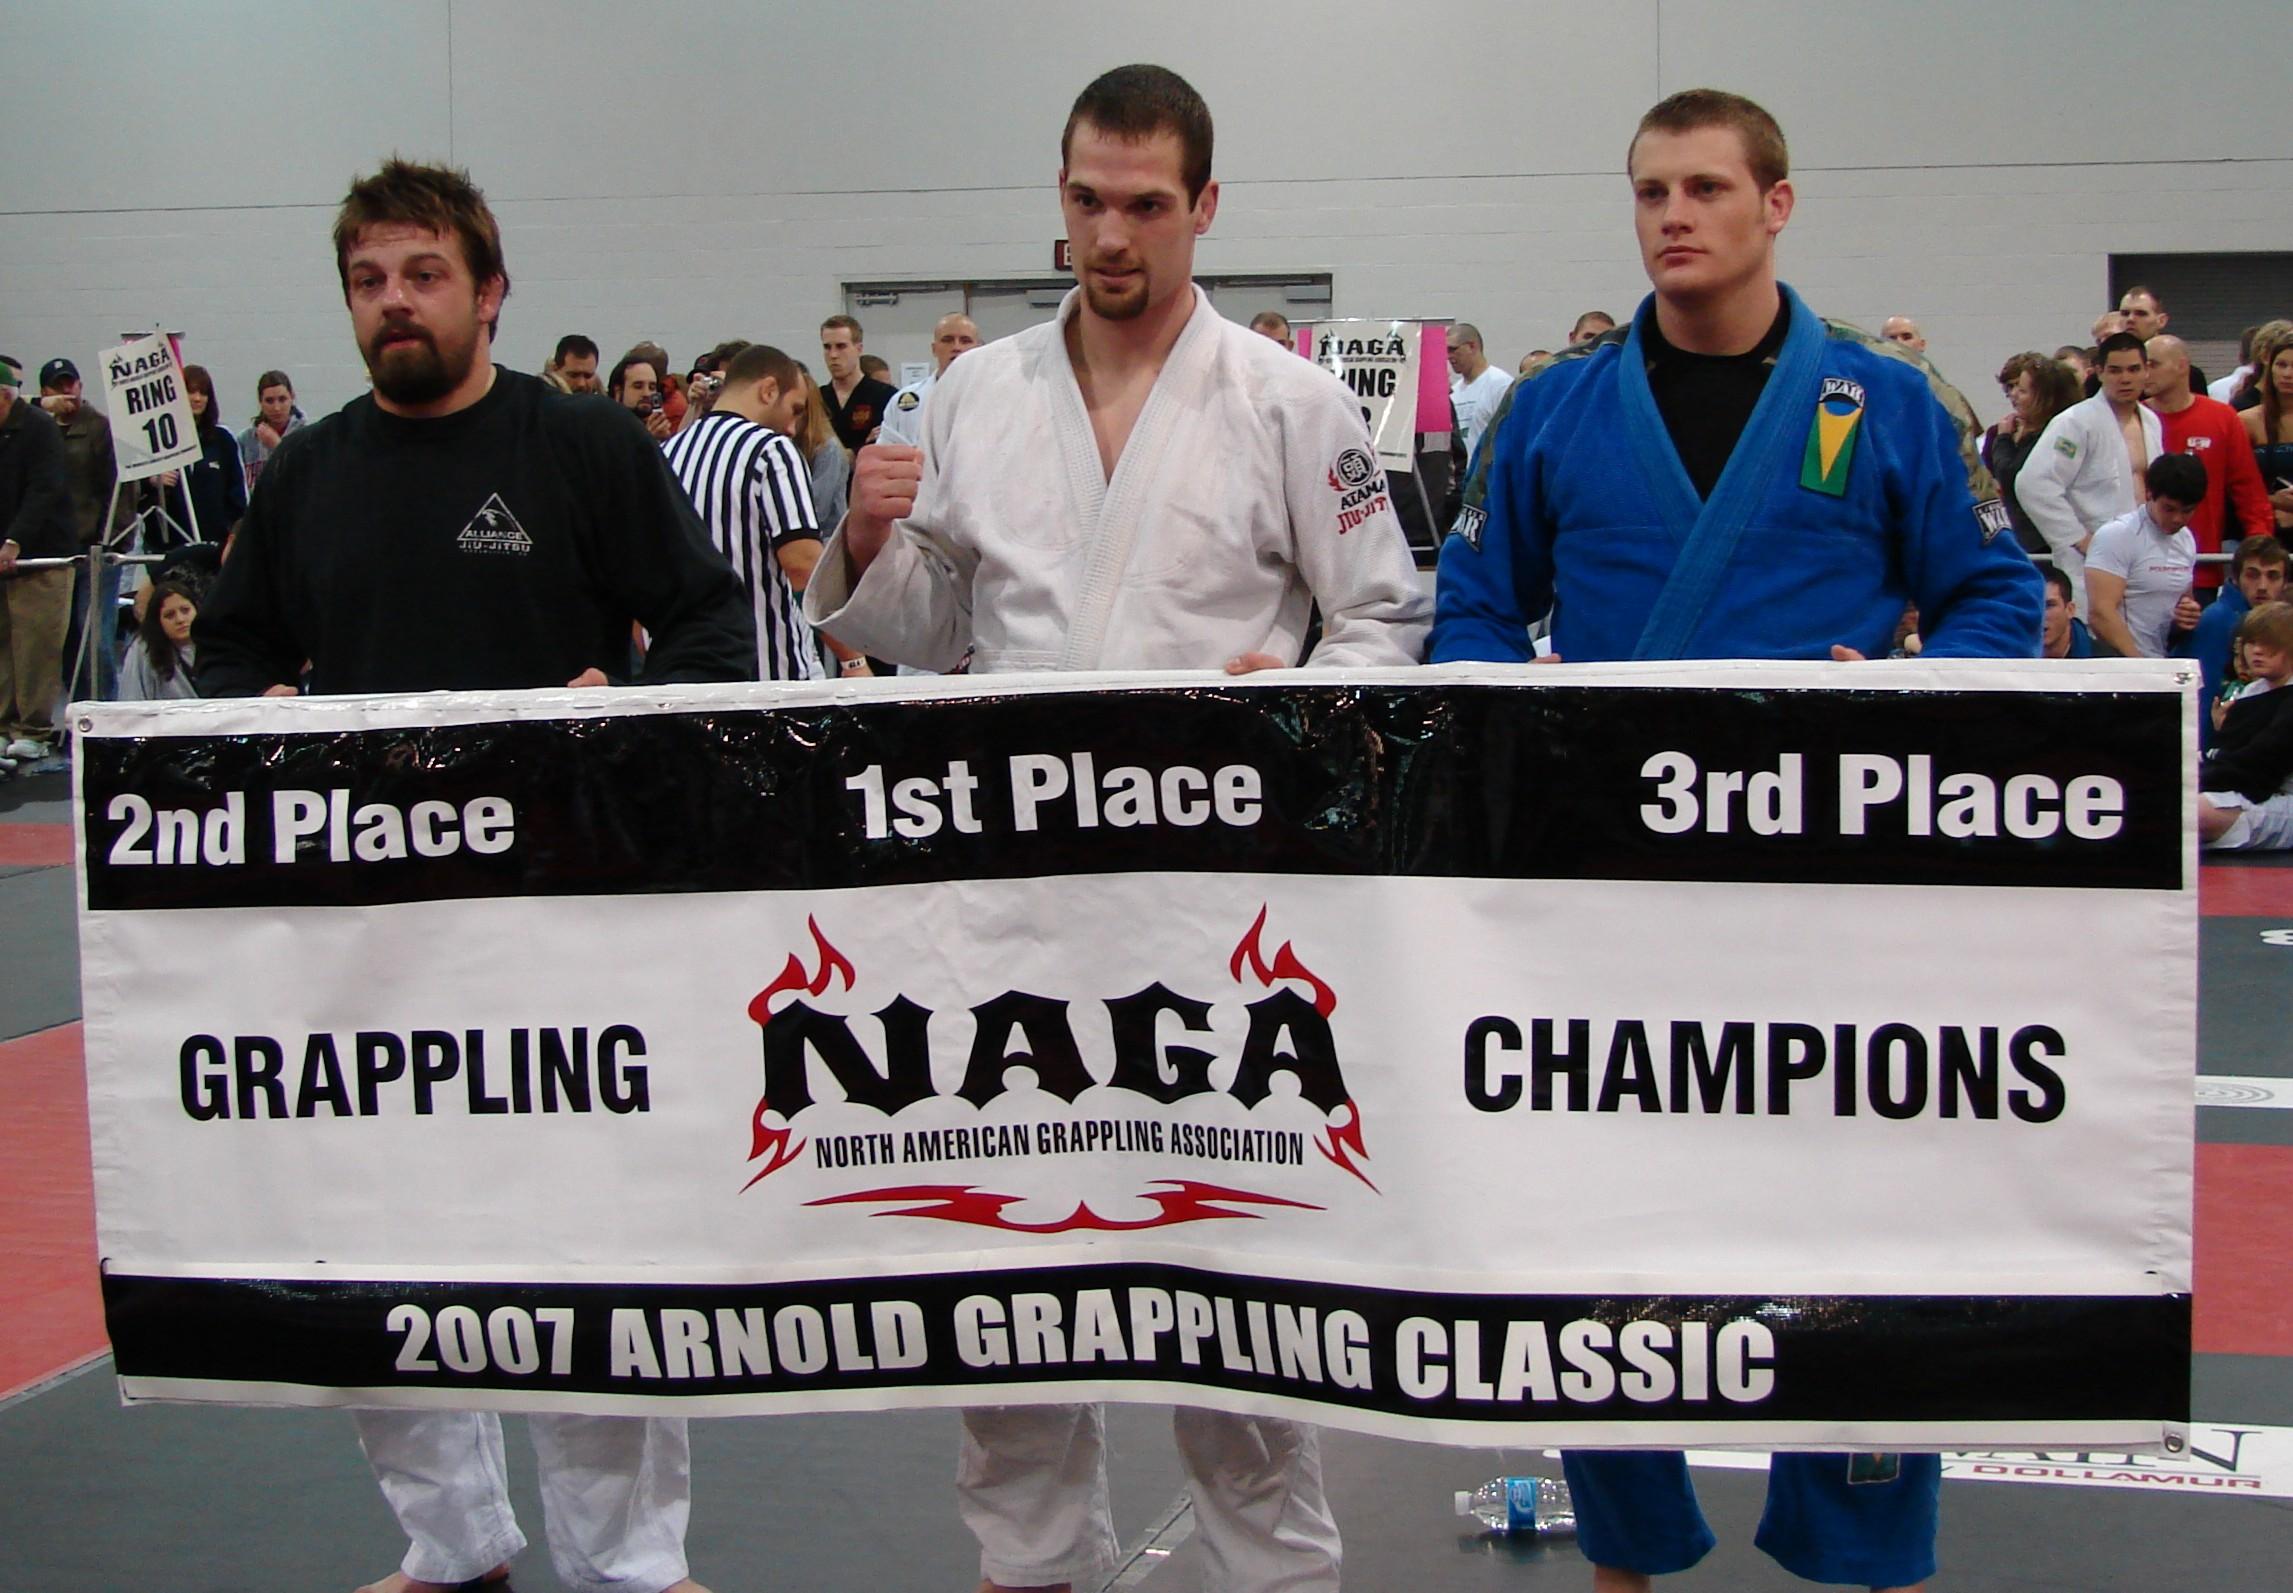 IBJJA's Jesse Chilton with 1st place win at NAGA-Arnold Worlds